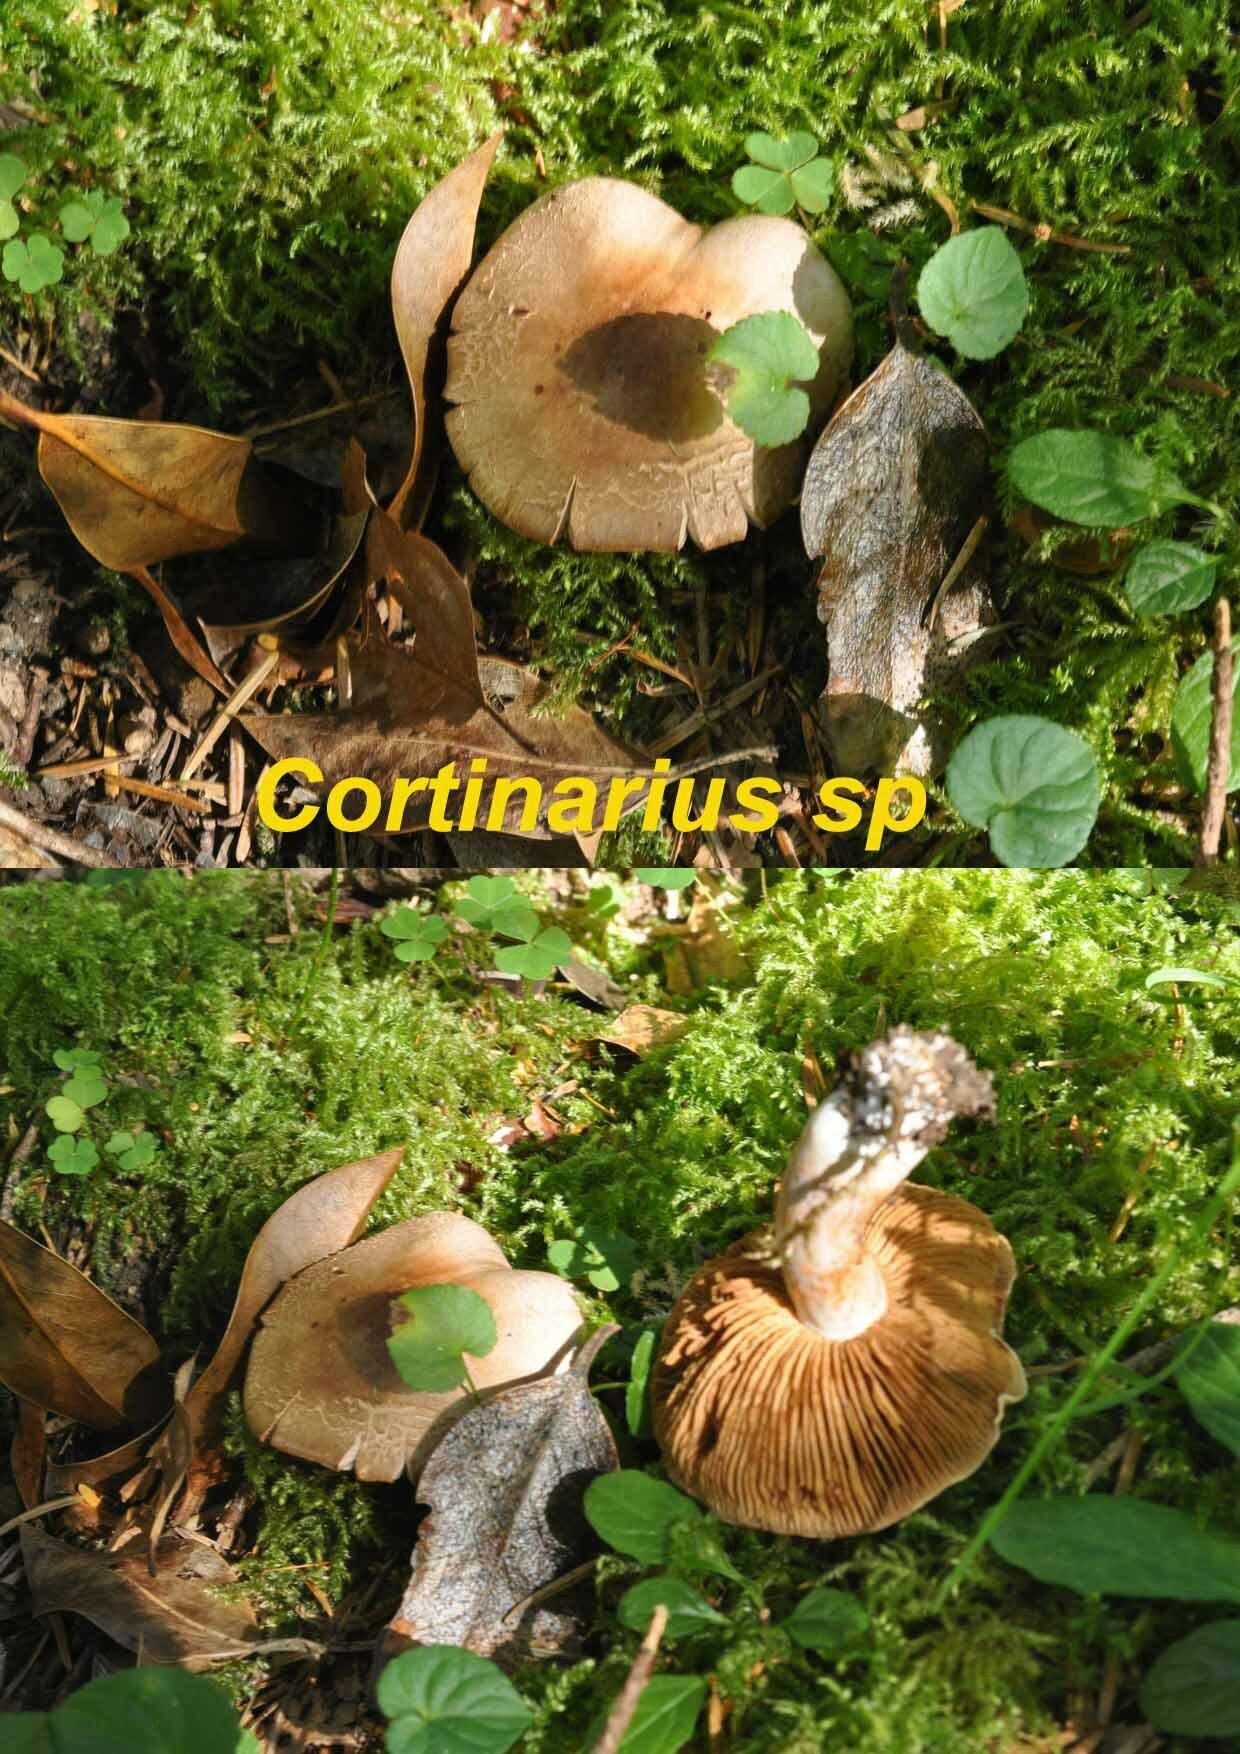 Cortinarius sp